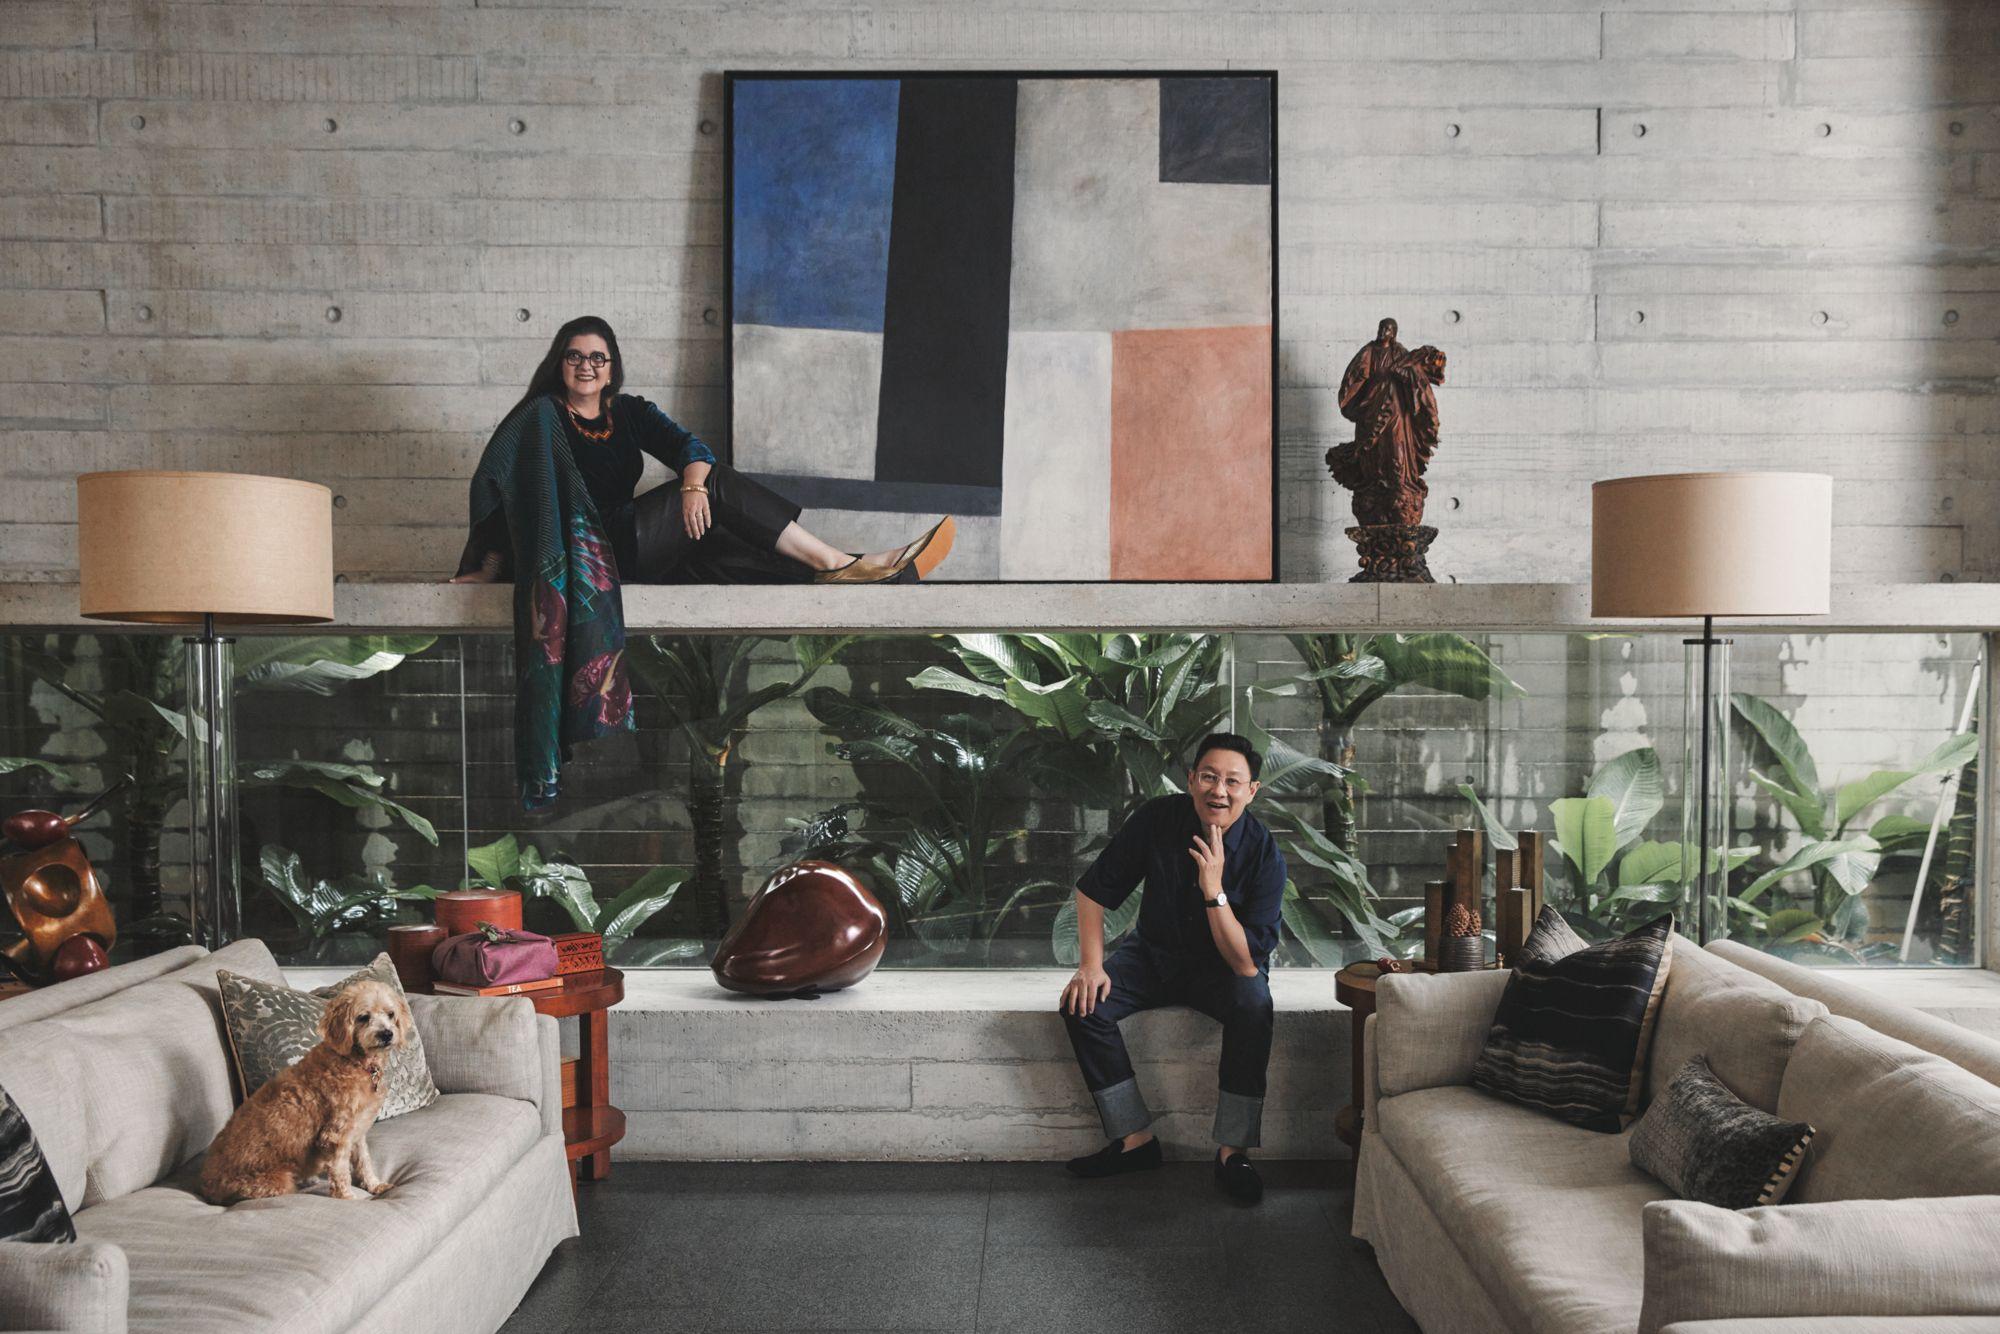 夫妻倆和愛犬Biggles攝於客廳,這裡設計了一處長長的凹室,鑲上大面水平玻璃窗,把戶外植物給框了進來。房裡也擺設了許多種籽雕像。黃超文腕錶by Piaget。(Photo: Darren Gabriel Leow for Tatler Hong Kong)